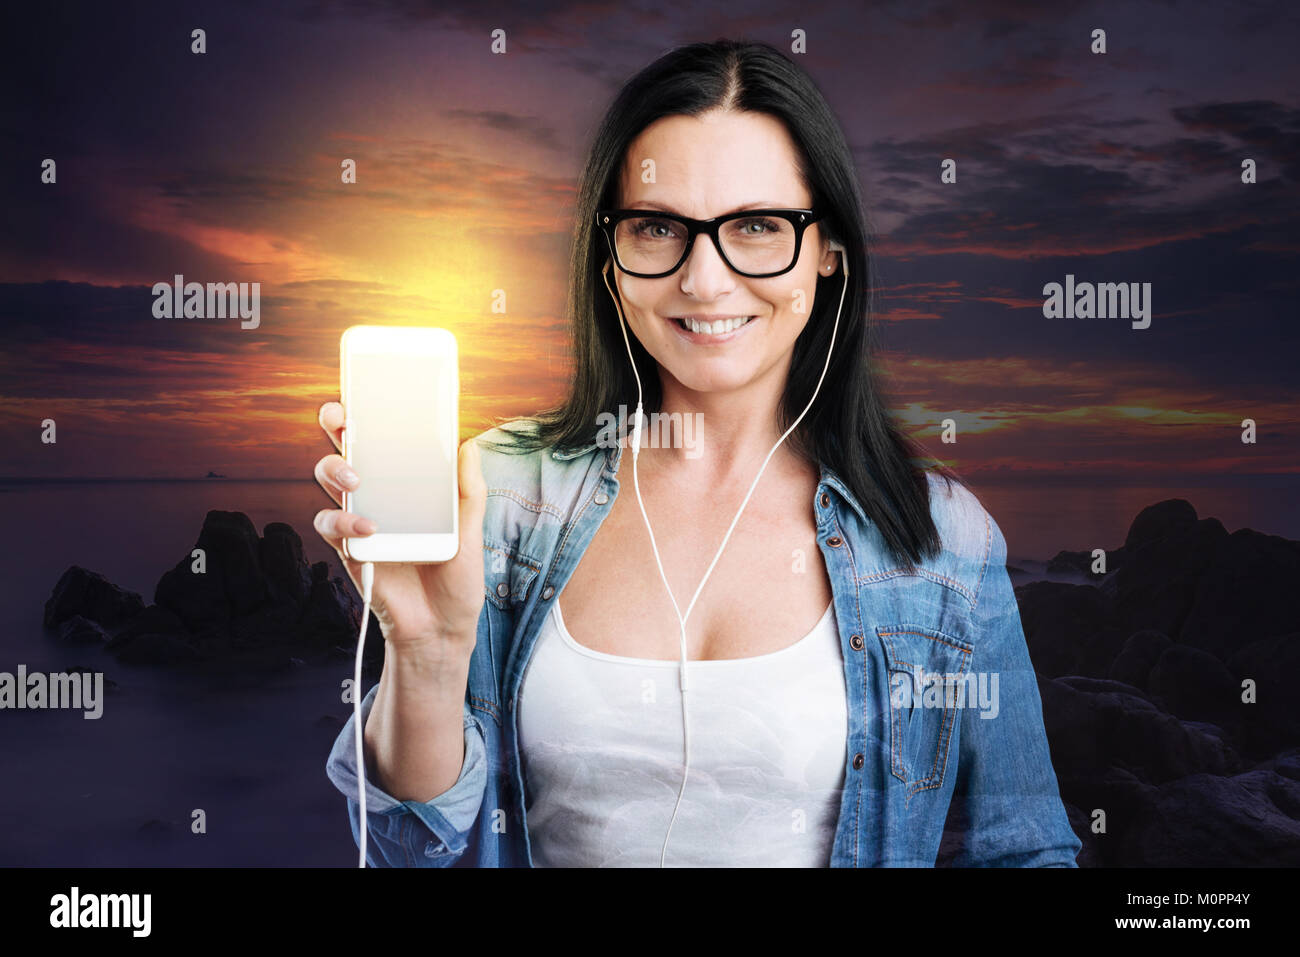 Señora sonriente mostrando su smartphone a la cámara Foto de stock